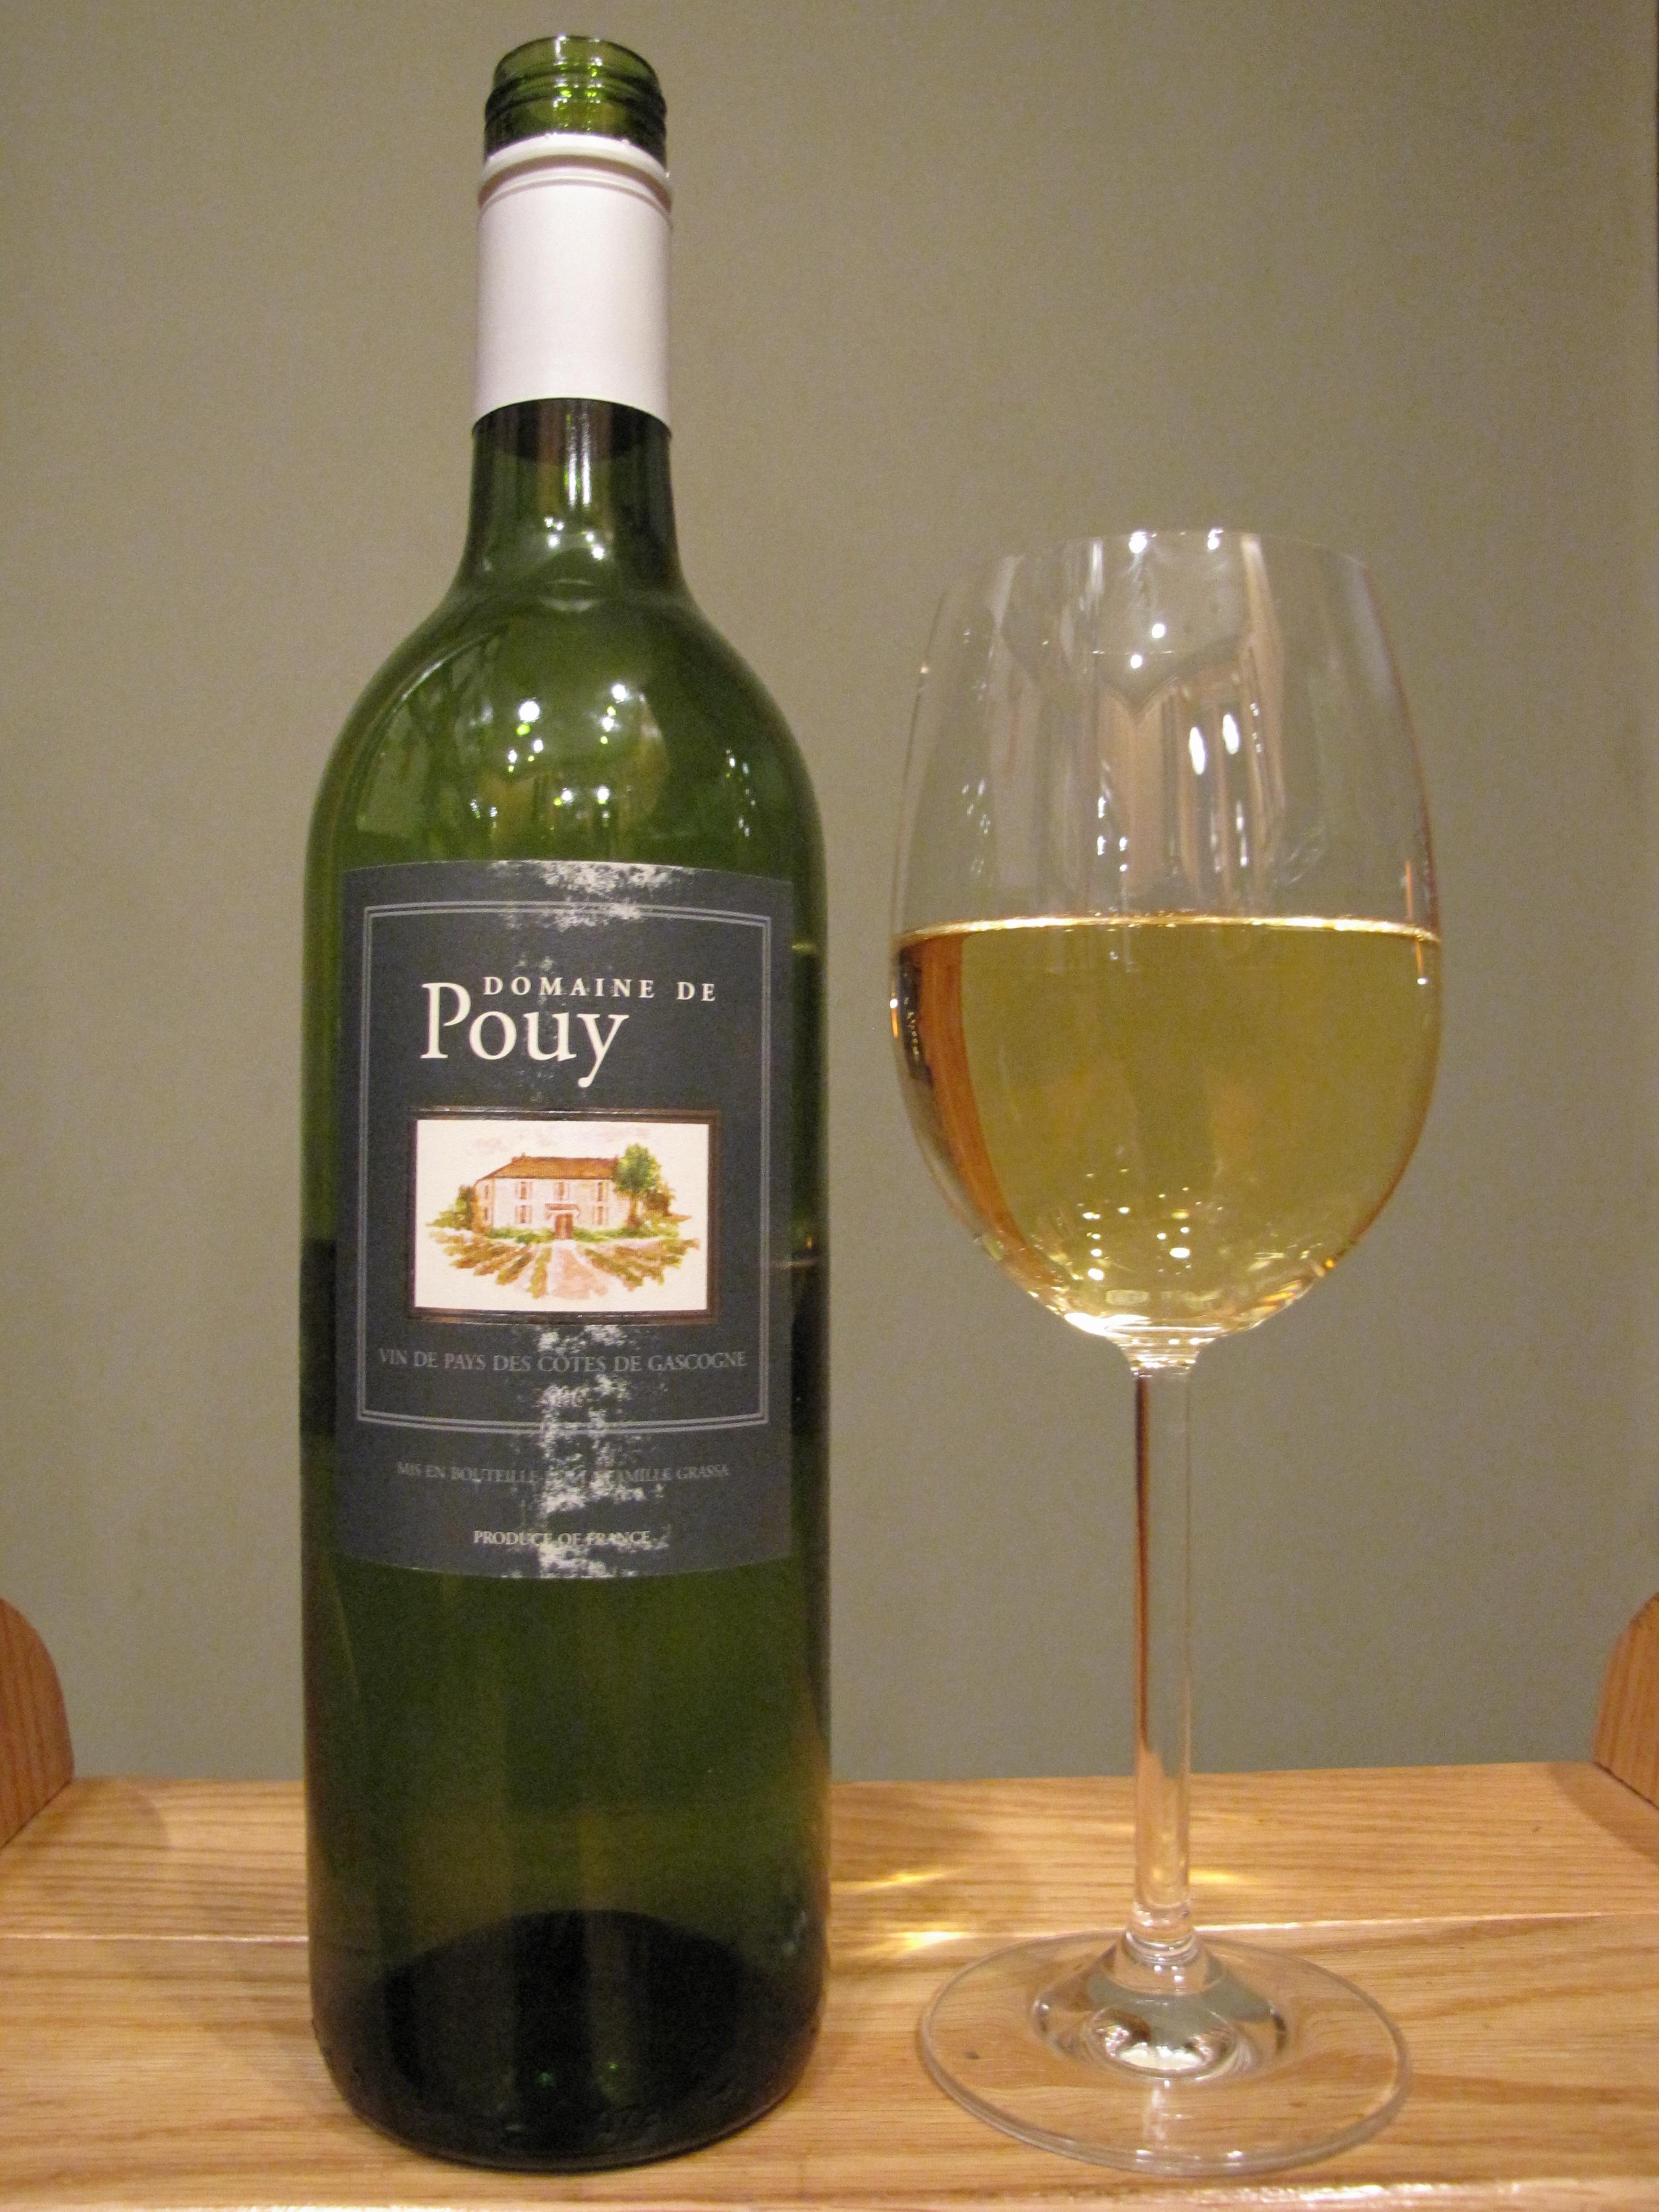 Domaine de Pouy Vin de Pays des Côtes de Gascogne (2006)